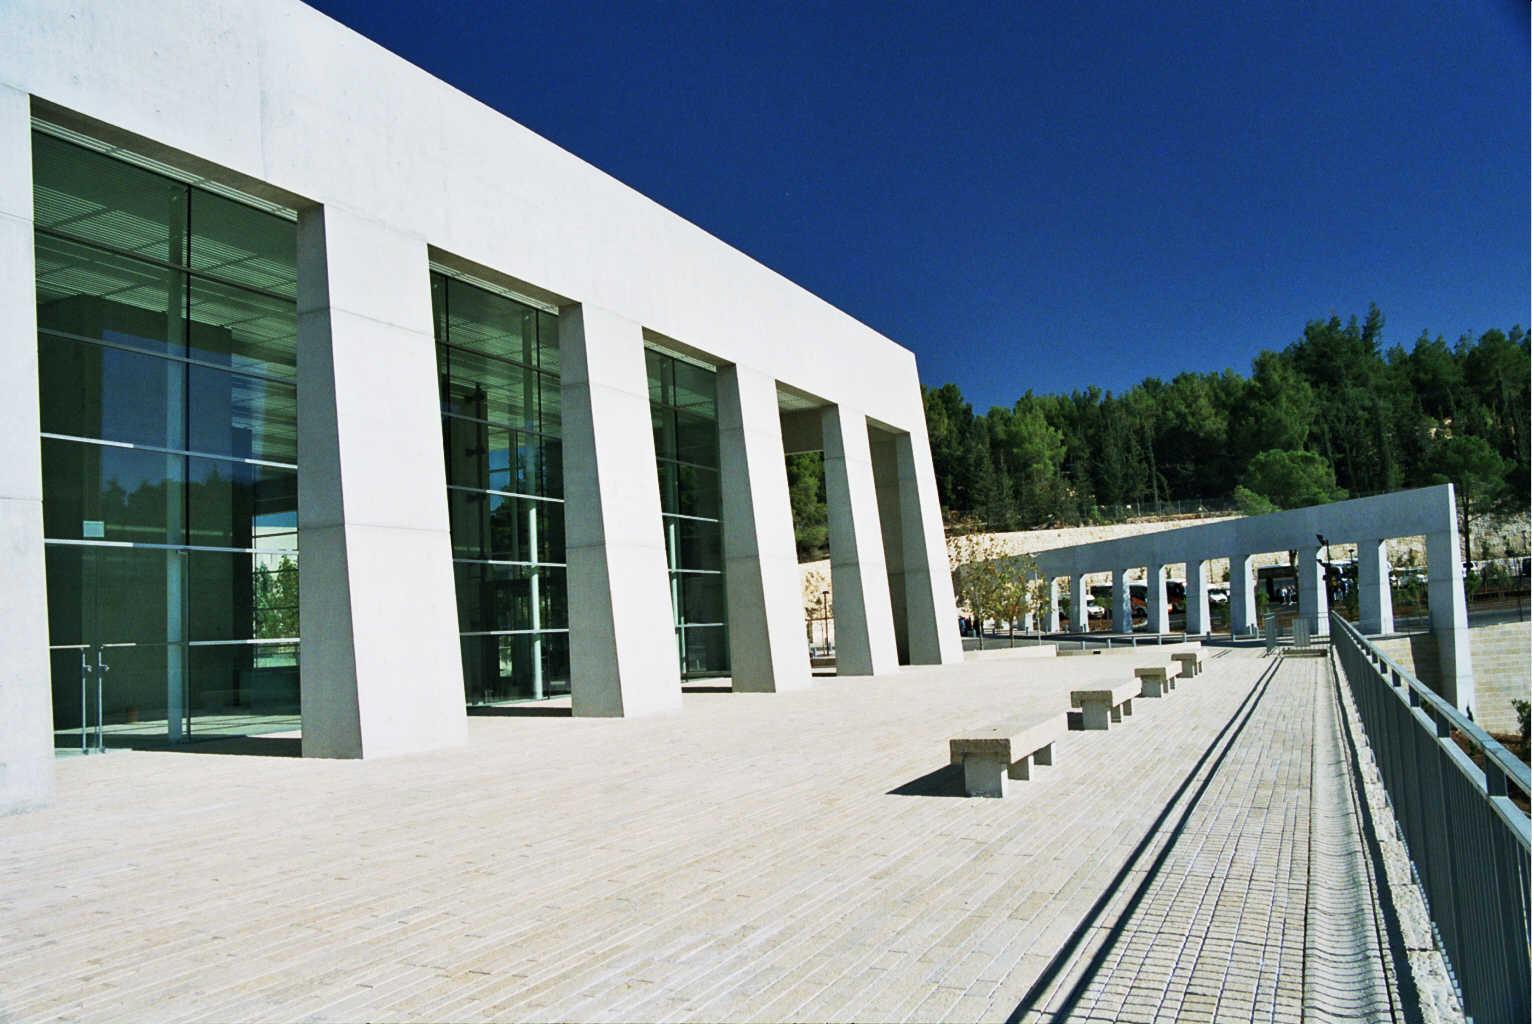 Yad Vashem Visitors' Center